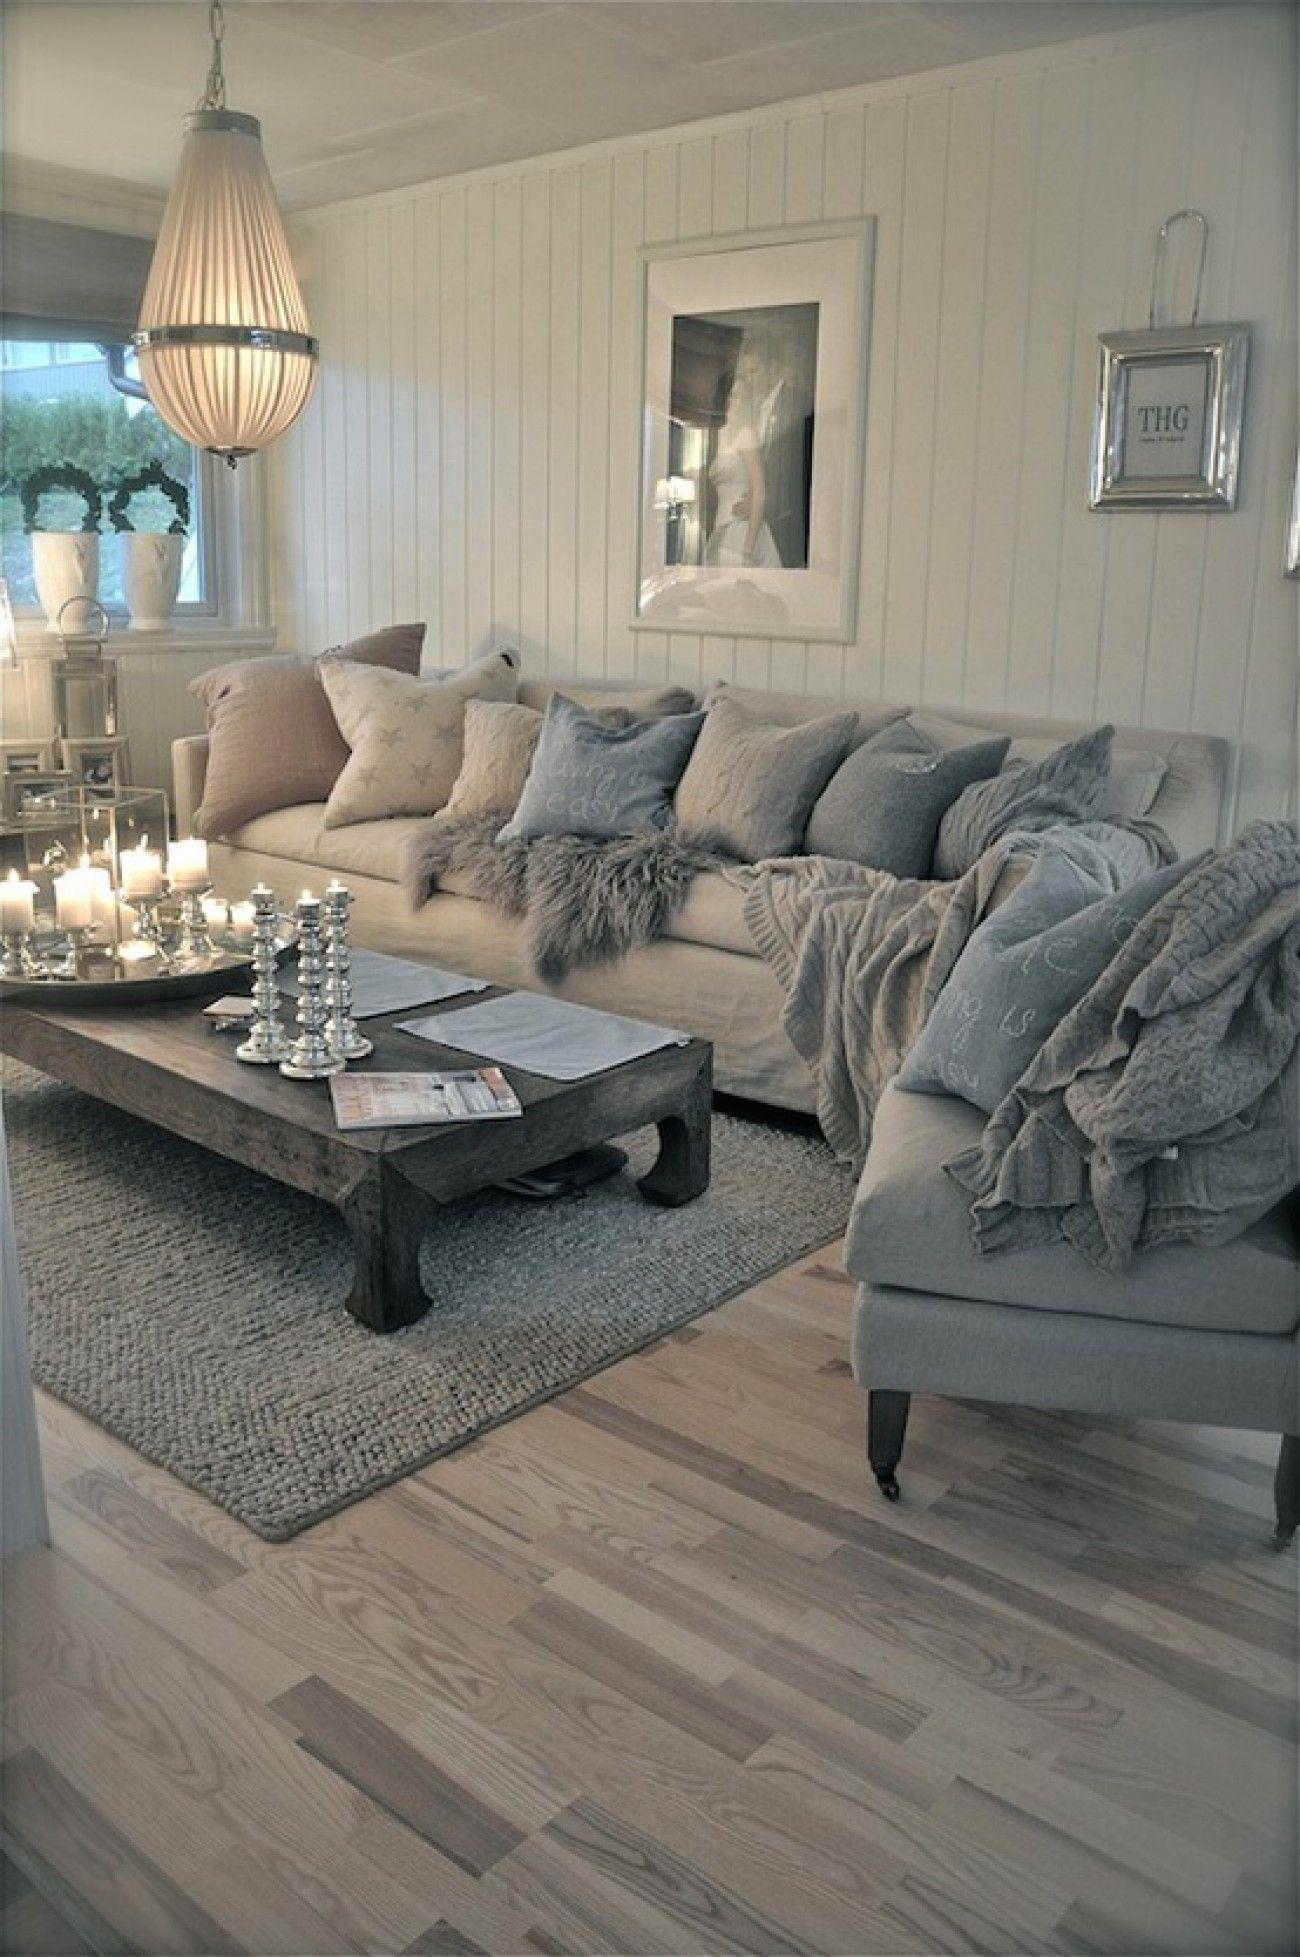 wat een gezellige woonkamer. | Gezellige woonkamer | Pinterest ...